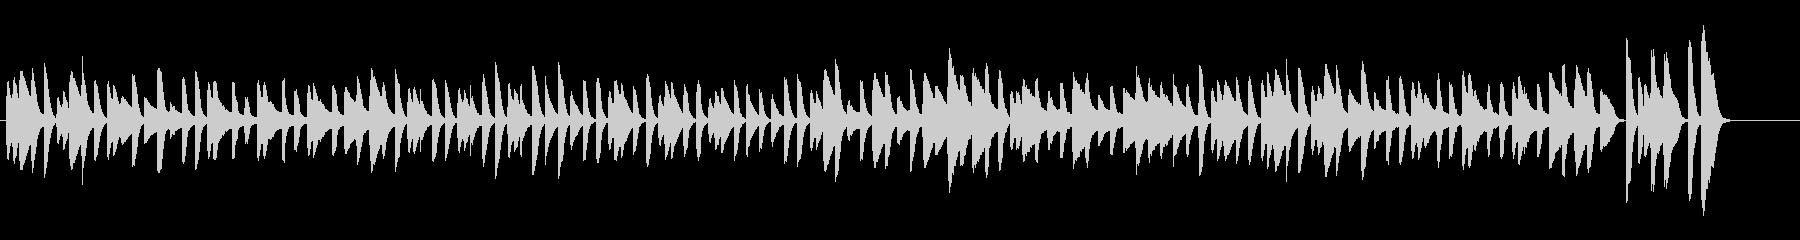 ねこふんじゃった シンプルなピアノソロの未再生の波形